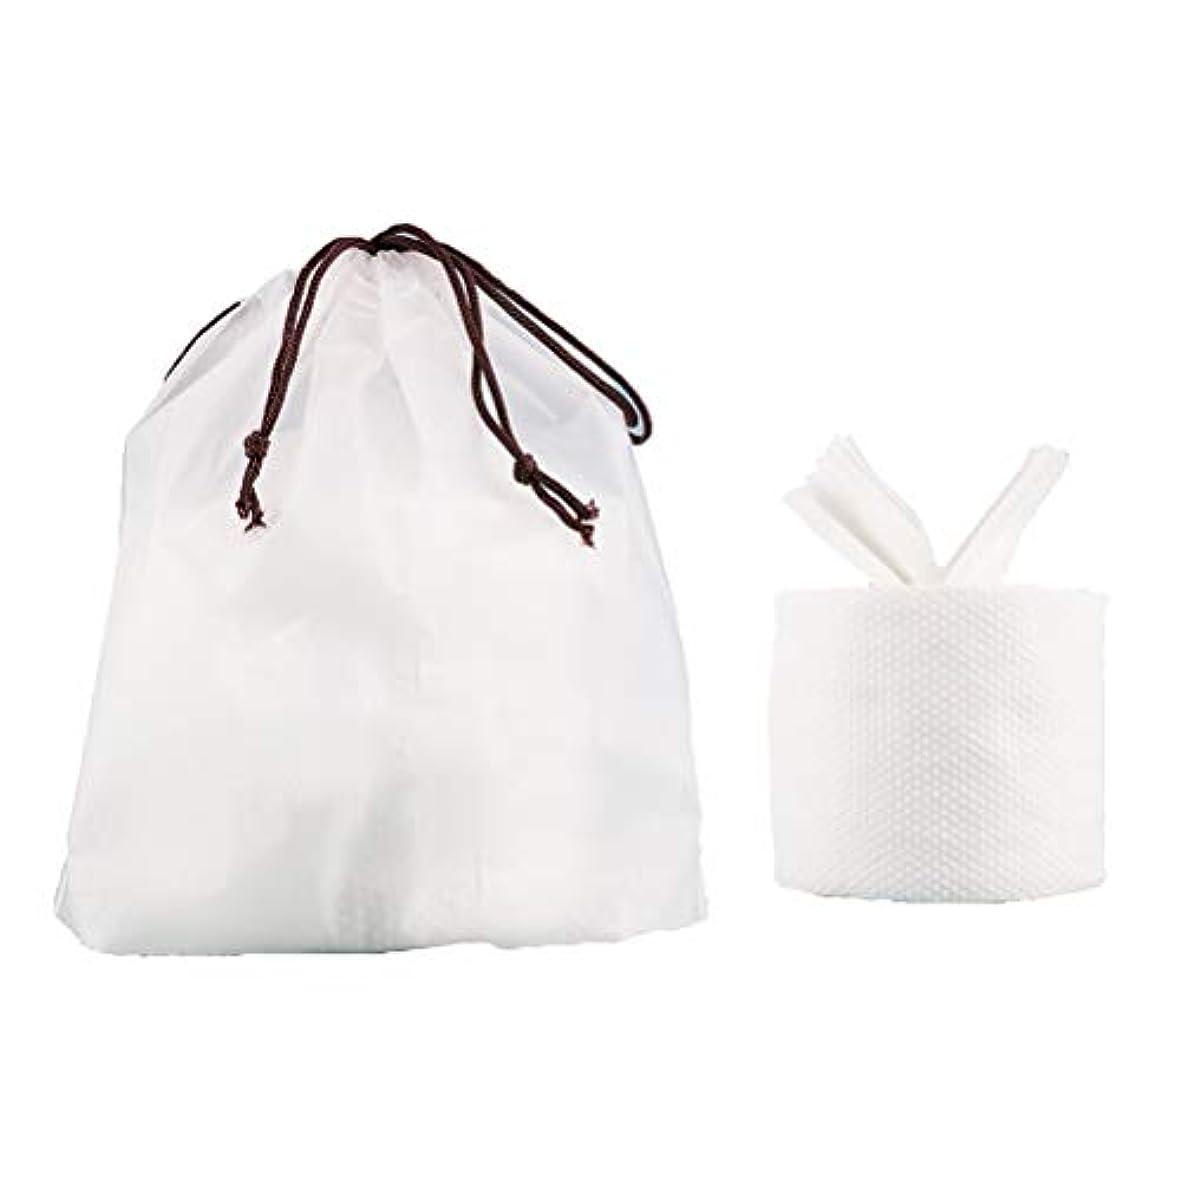 討論高音隣人Healifty フェイシャルコットンティッシュトラベルコットンタオルクレンジングワイパーウォッシュクロストラベルポータブルワイプ女性用(1ロールフェイスタオル+ 1個収納バッグ)